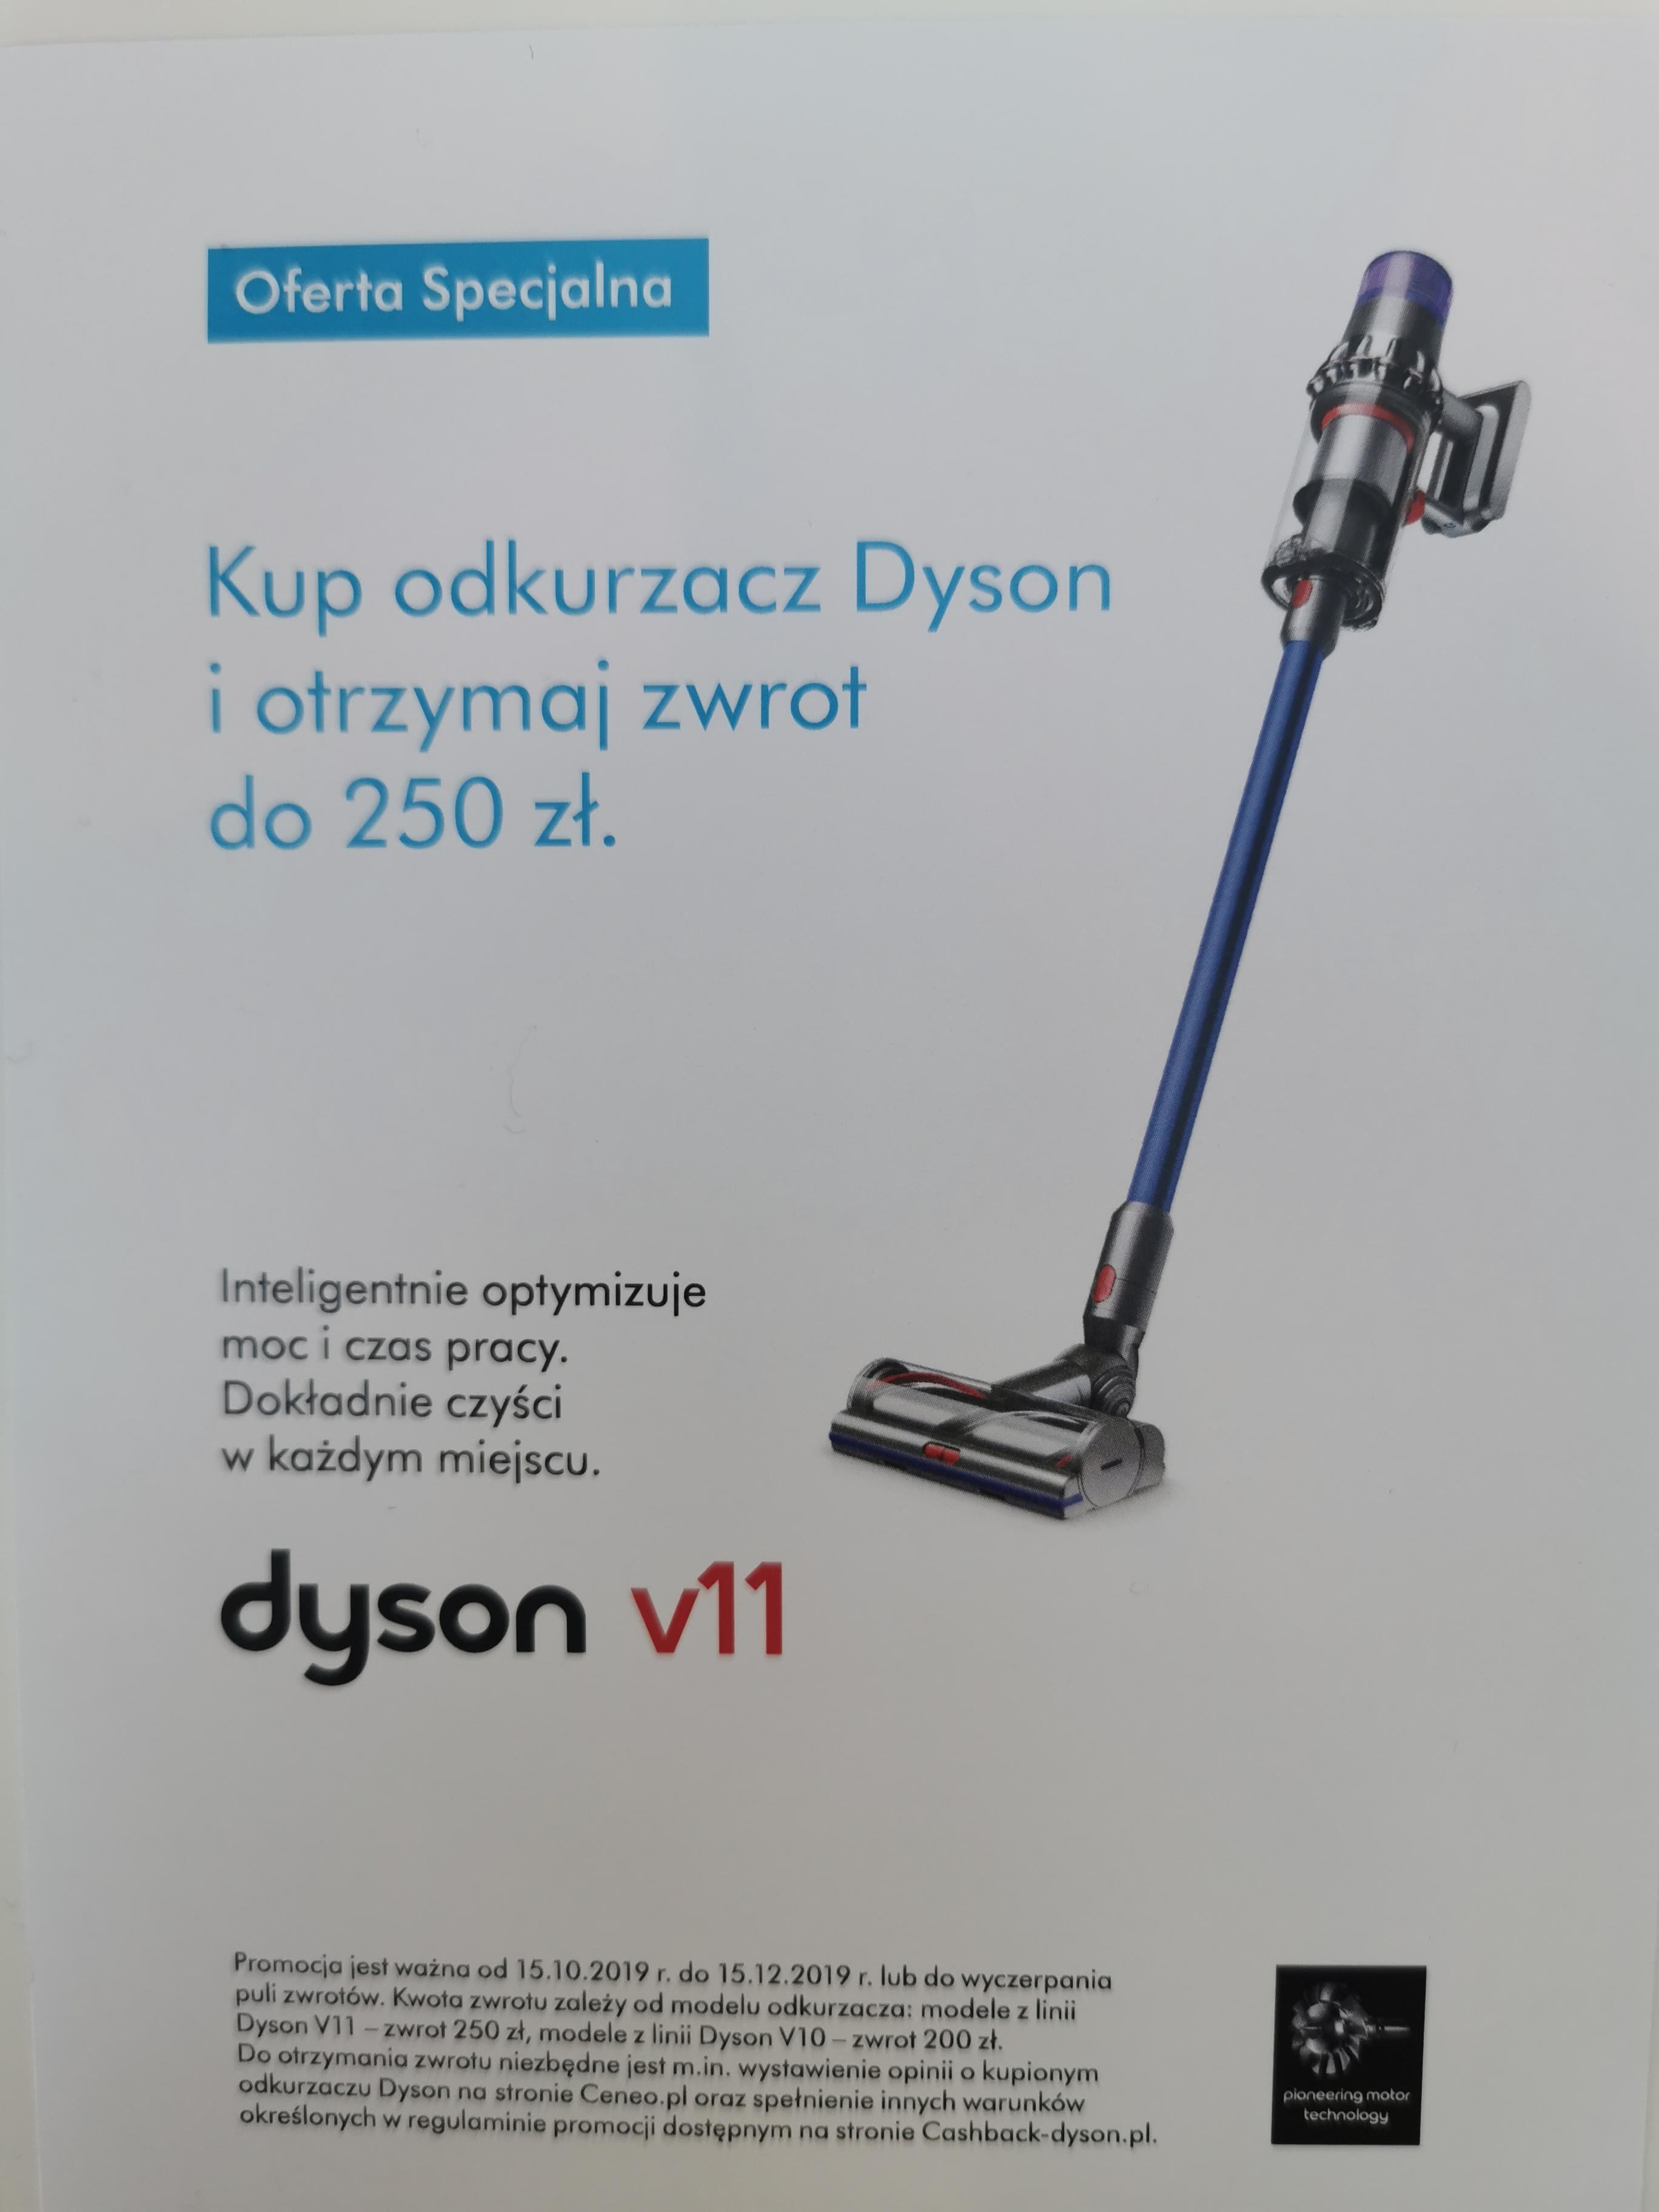 Kup odkurzacz Dyson i otrzymaj zwrot do 250zl